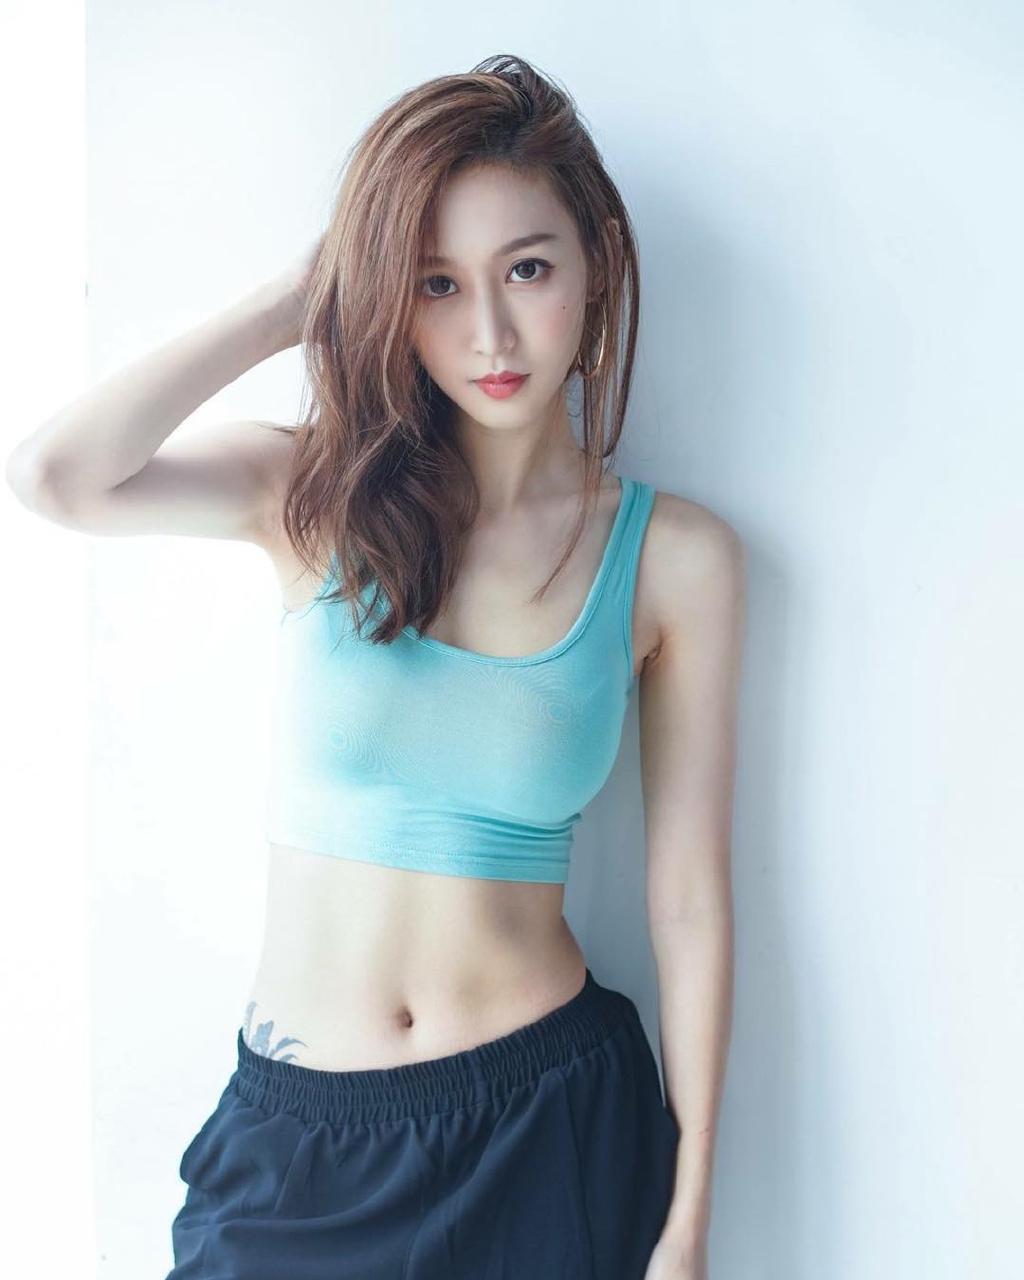 韩国运动美女小蛮腰大长腿性感图片